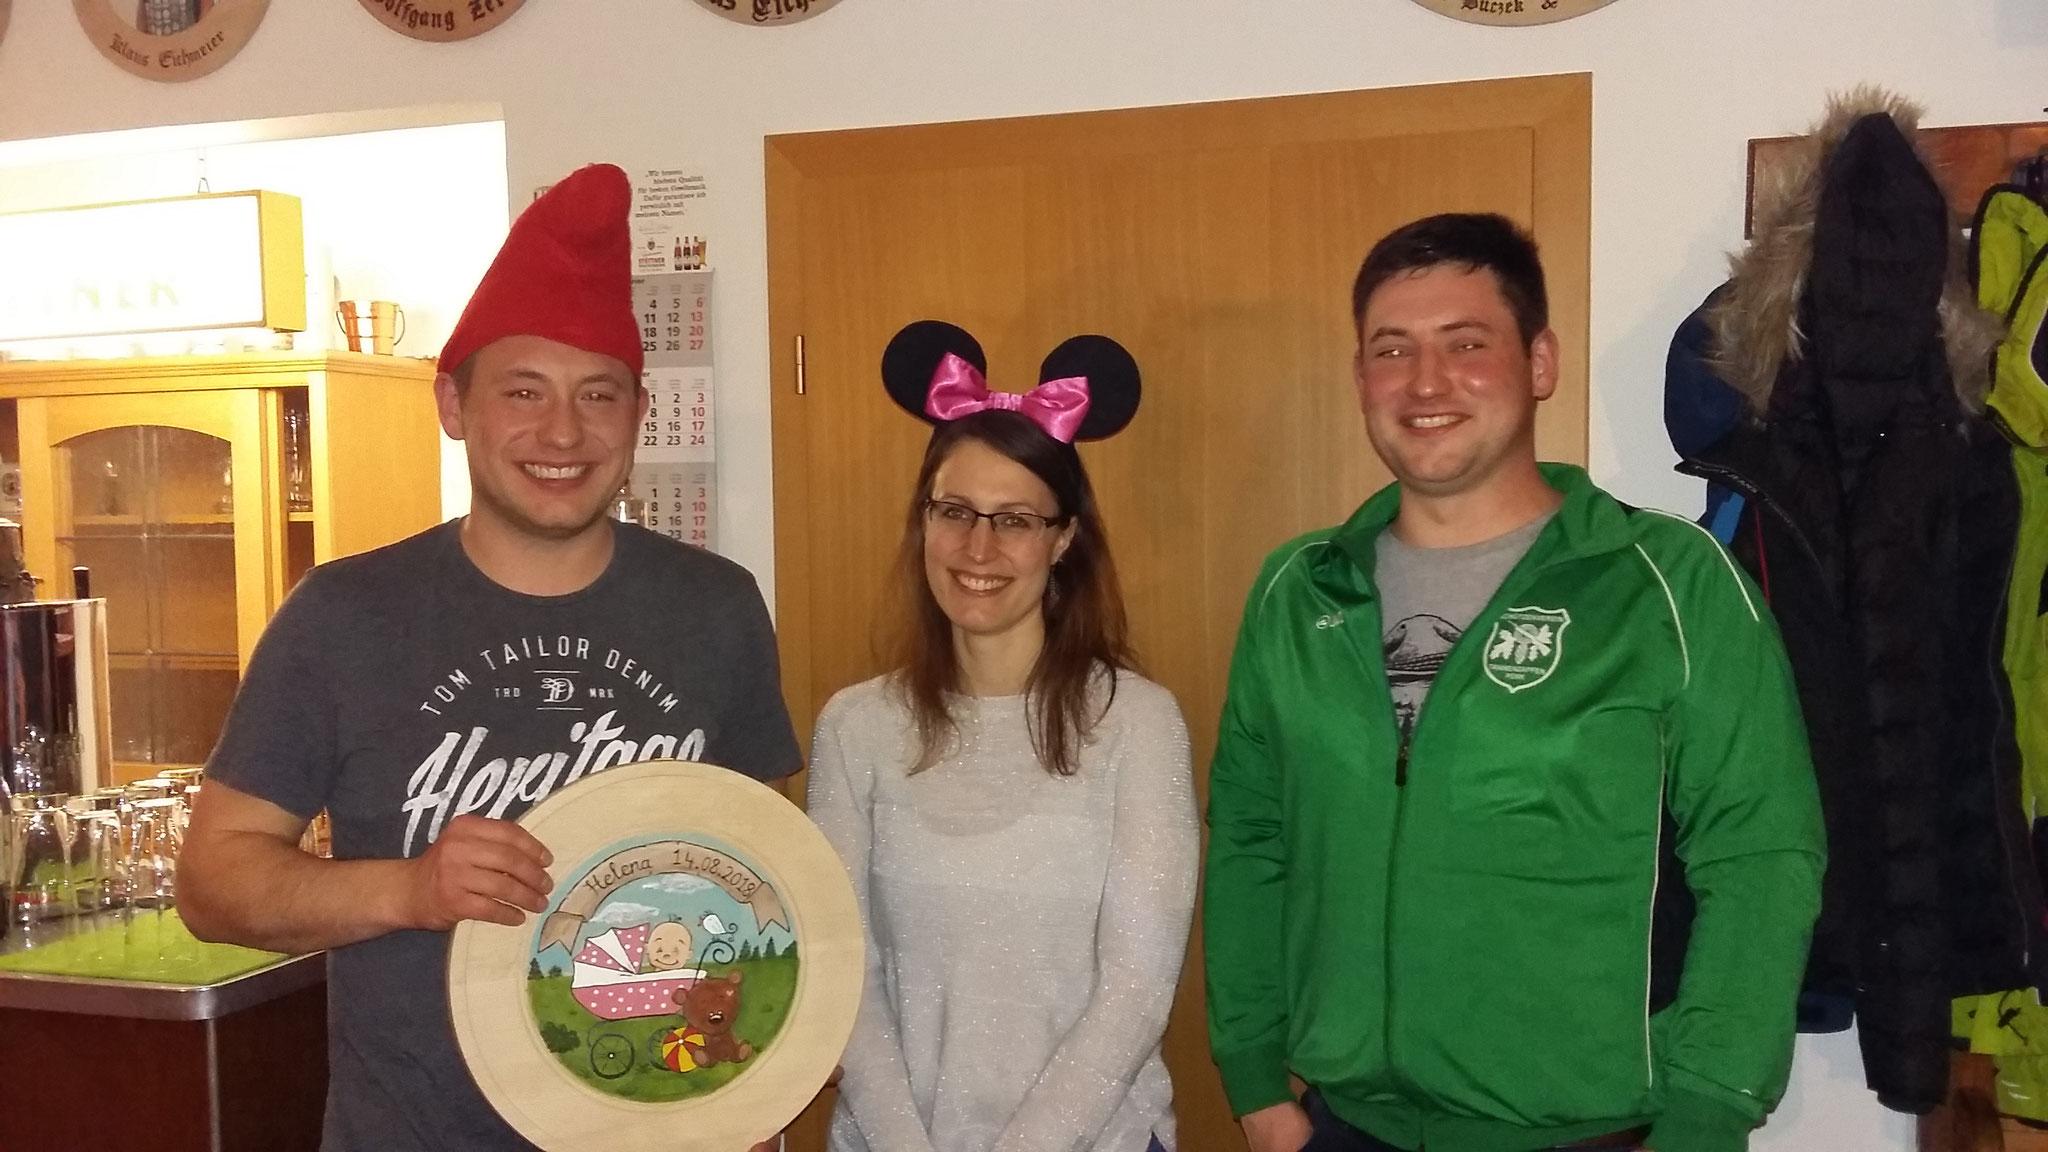 Gewinner der Kindstaufscheibe v.l.: Manuel Ramsauer mit der Zweitplatzierten Stephanie Amann sowie dem glücklichen Vater Stefan Ramsauer